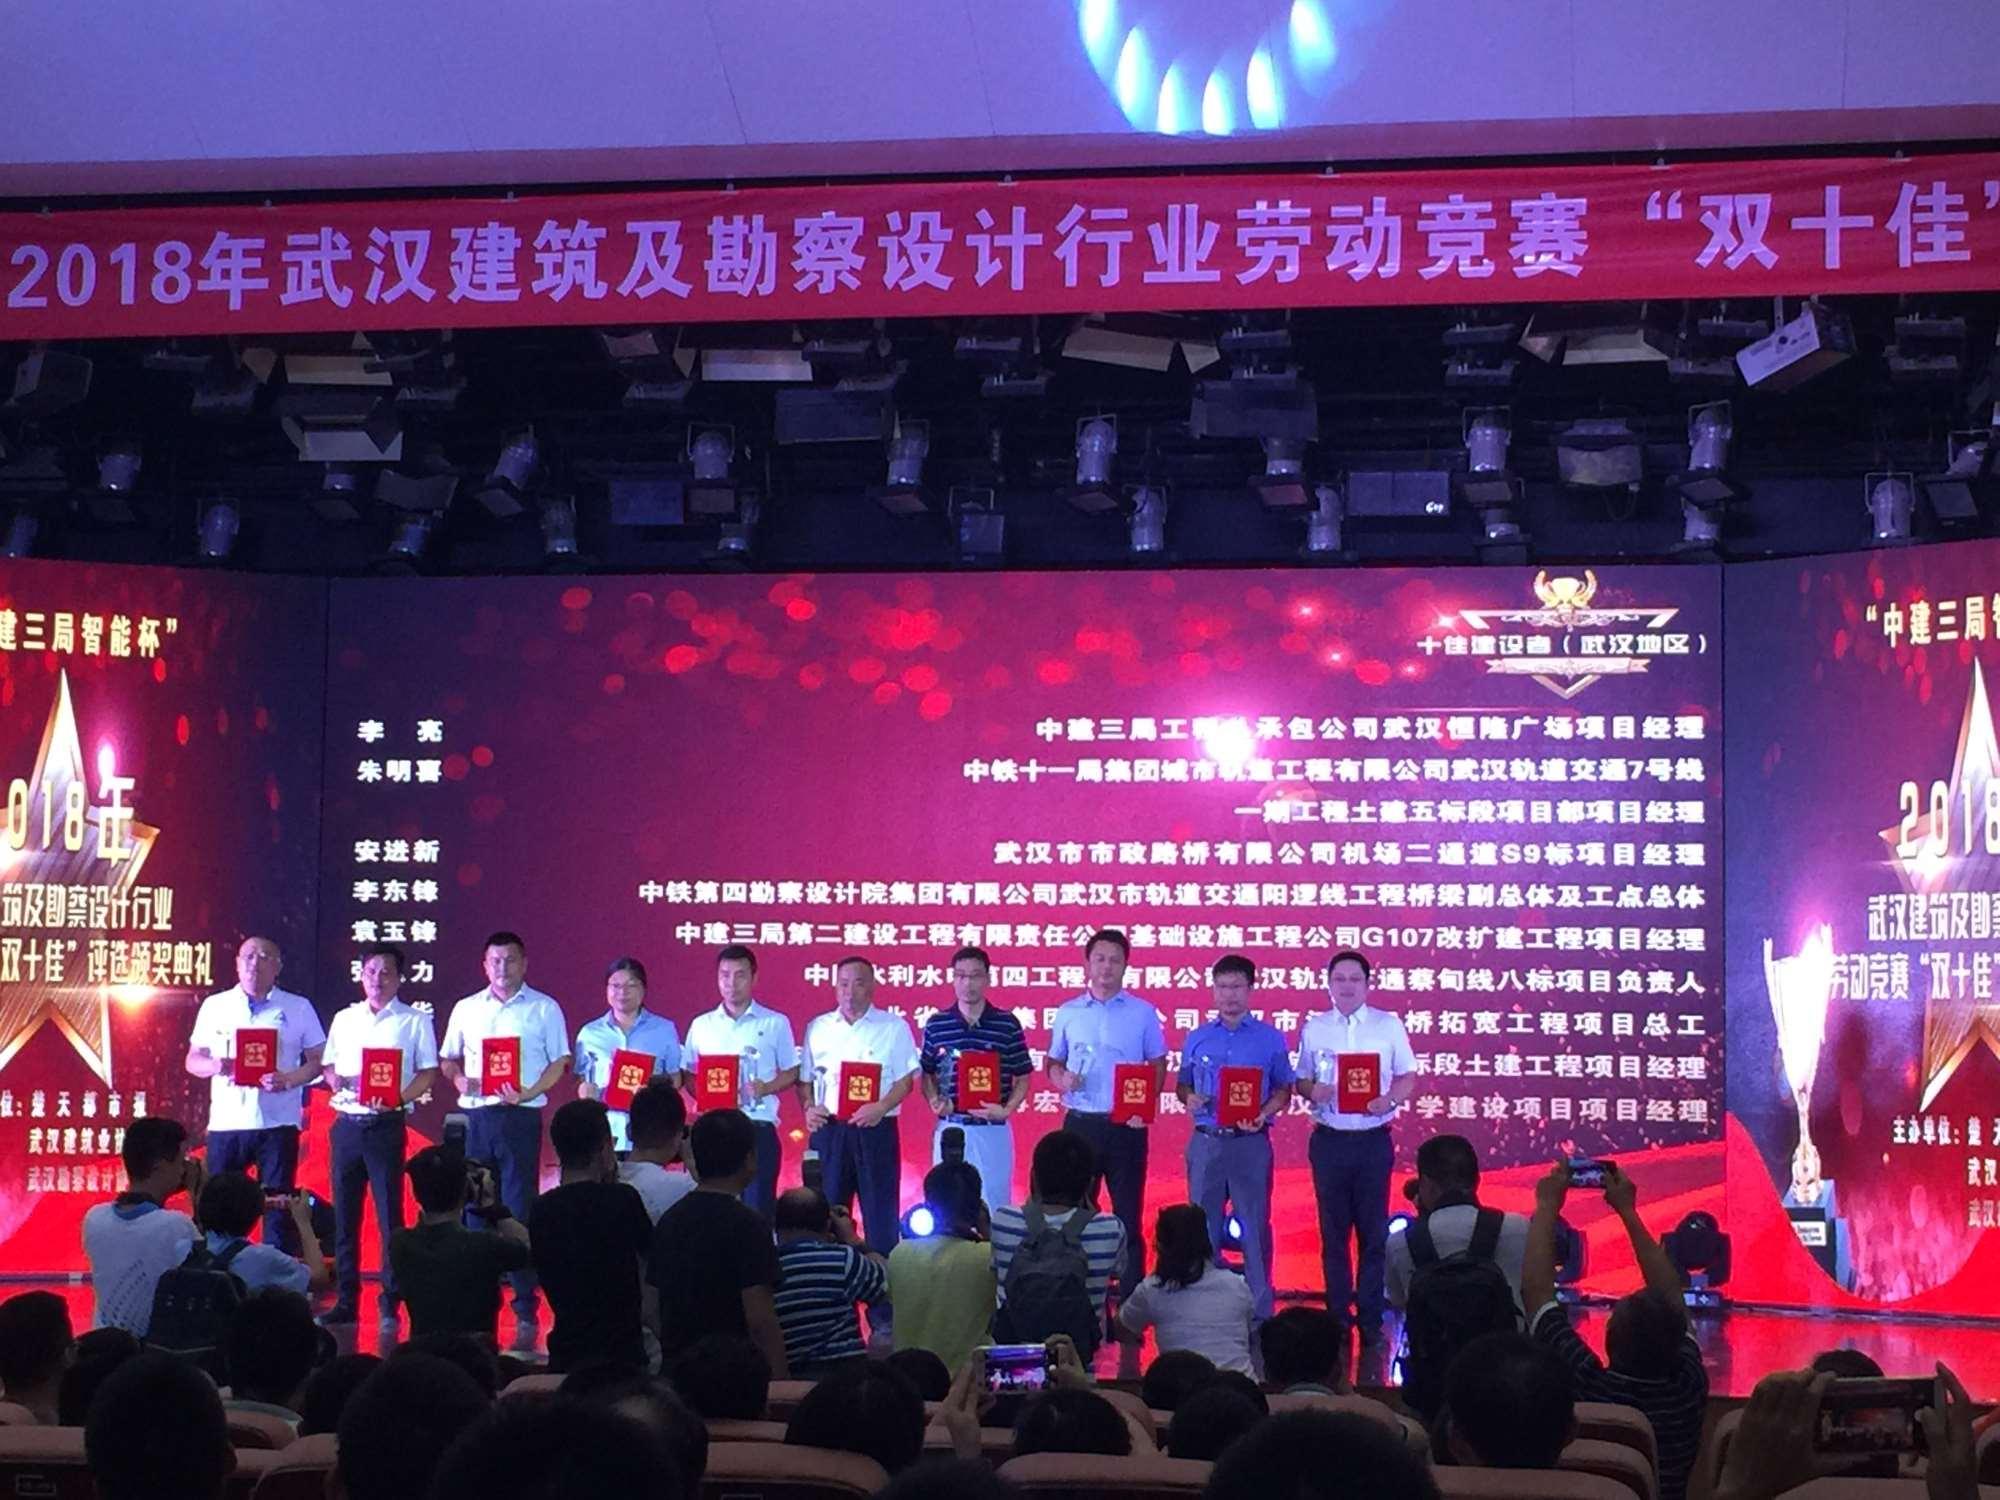 热烈祝贺安进新同志荣获2018年湖北省五一劳动奖章